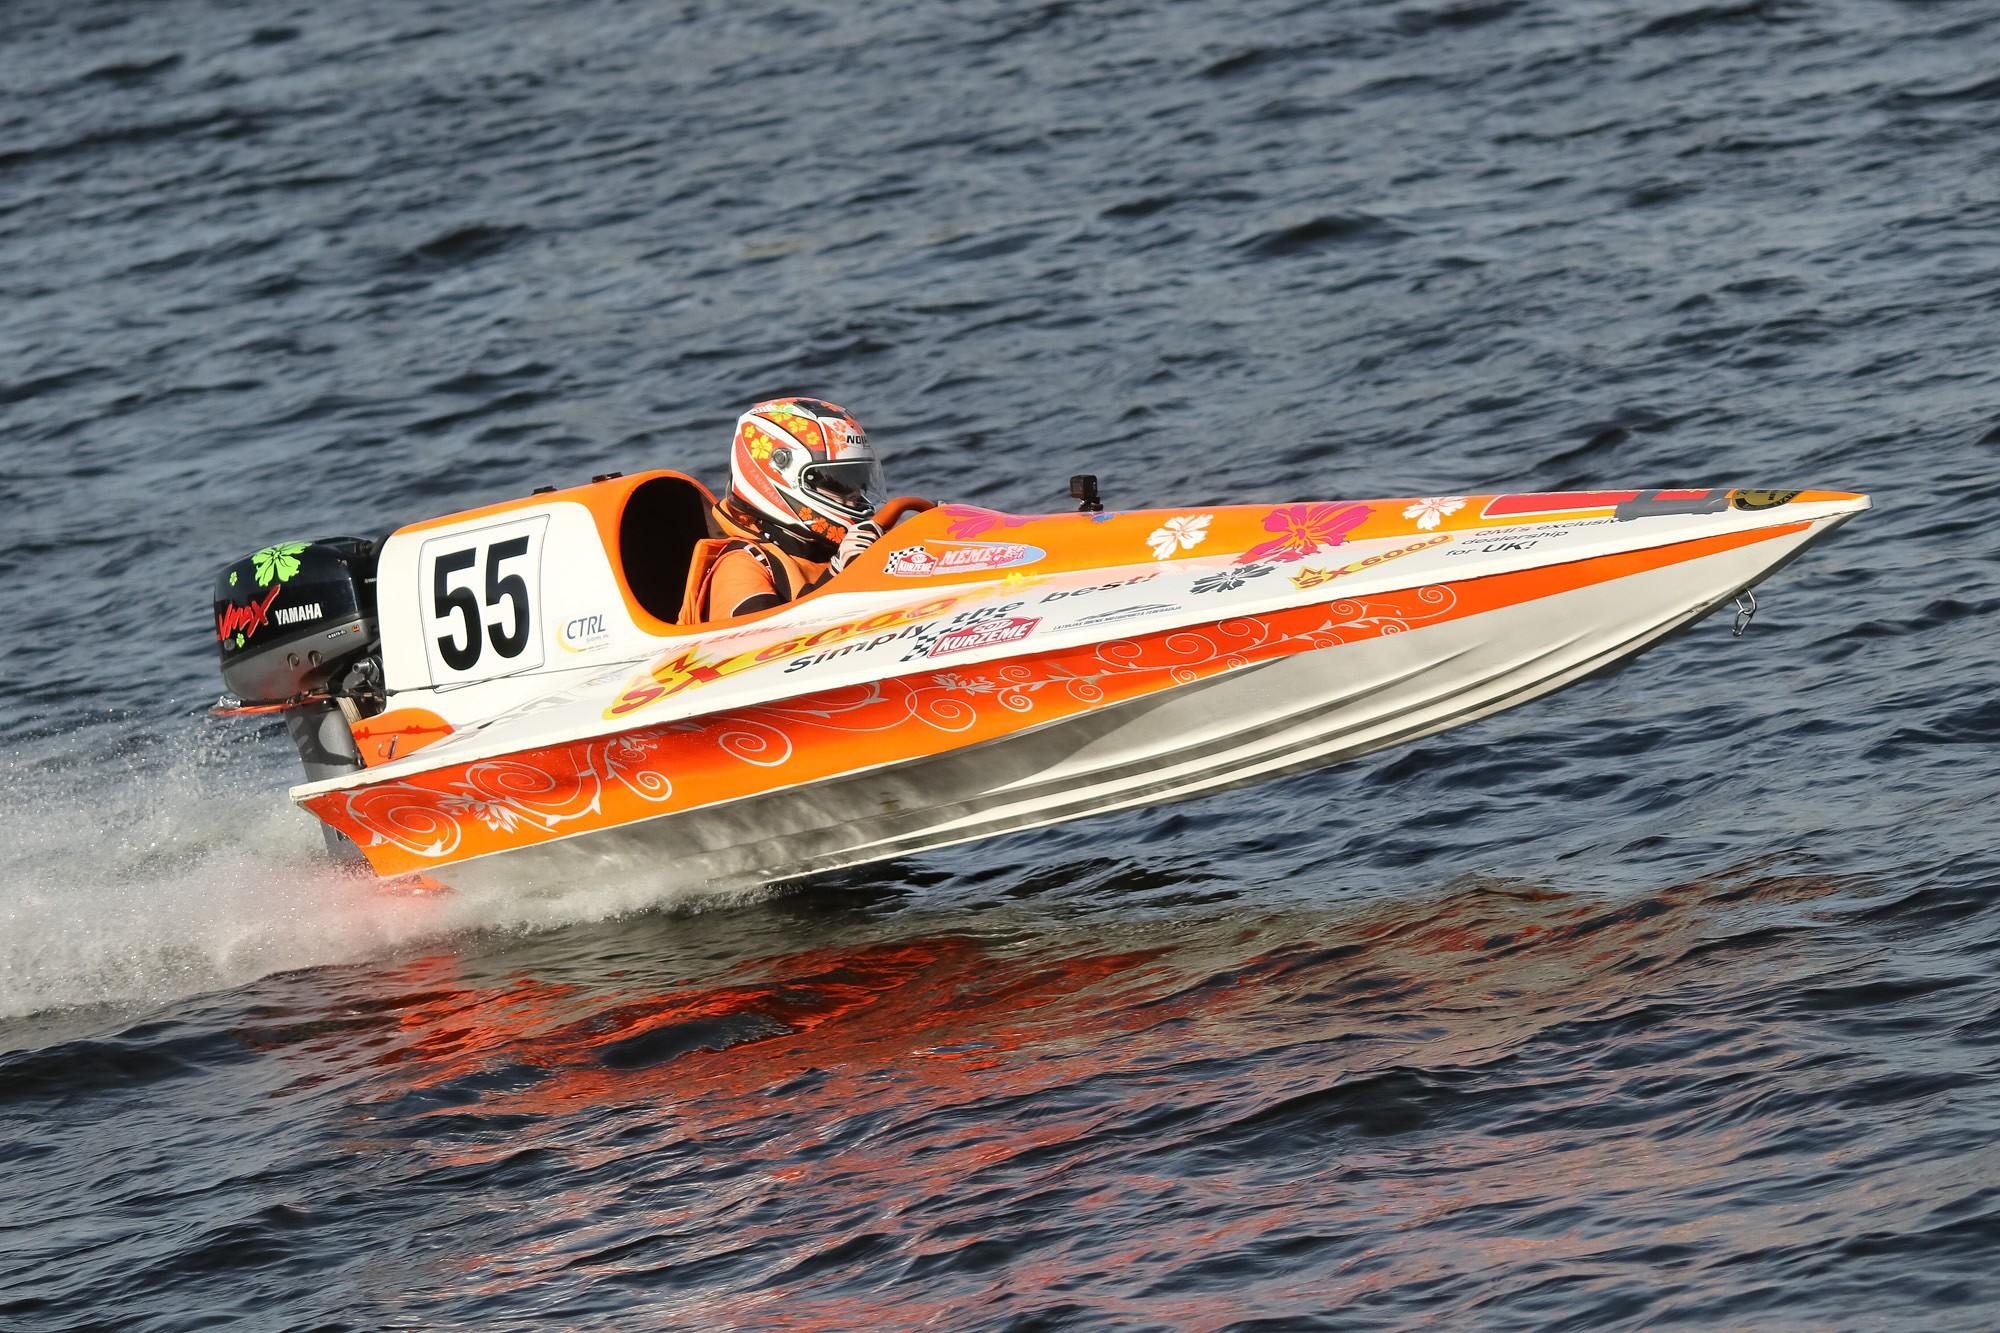 гоночная лодка фото зрачок имеет